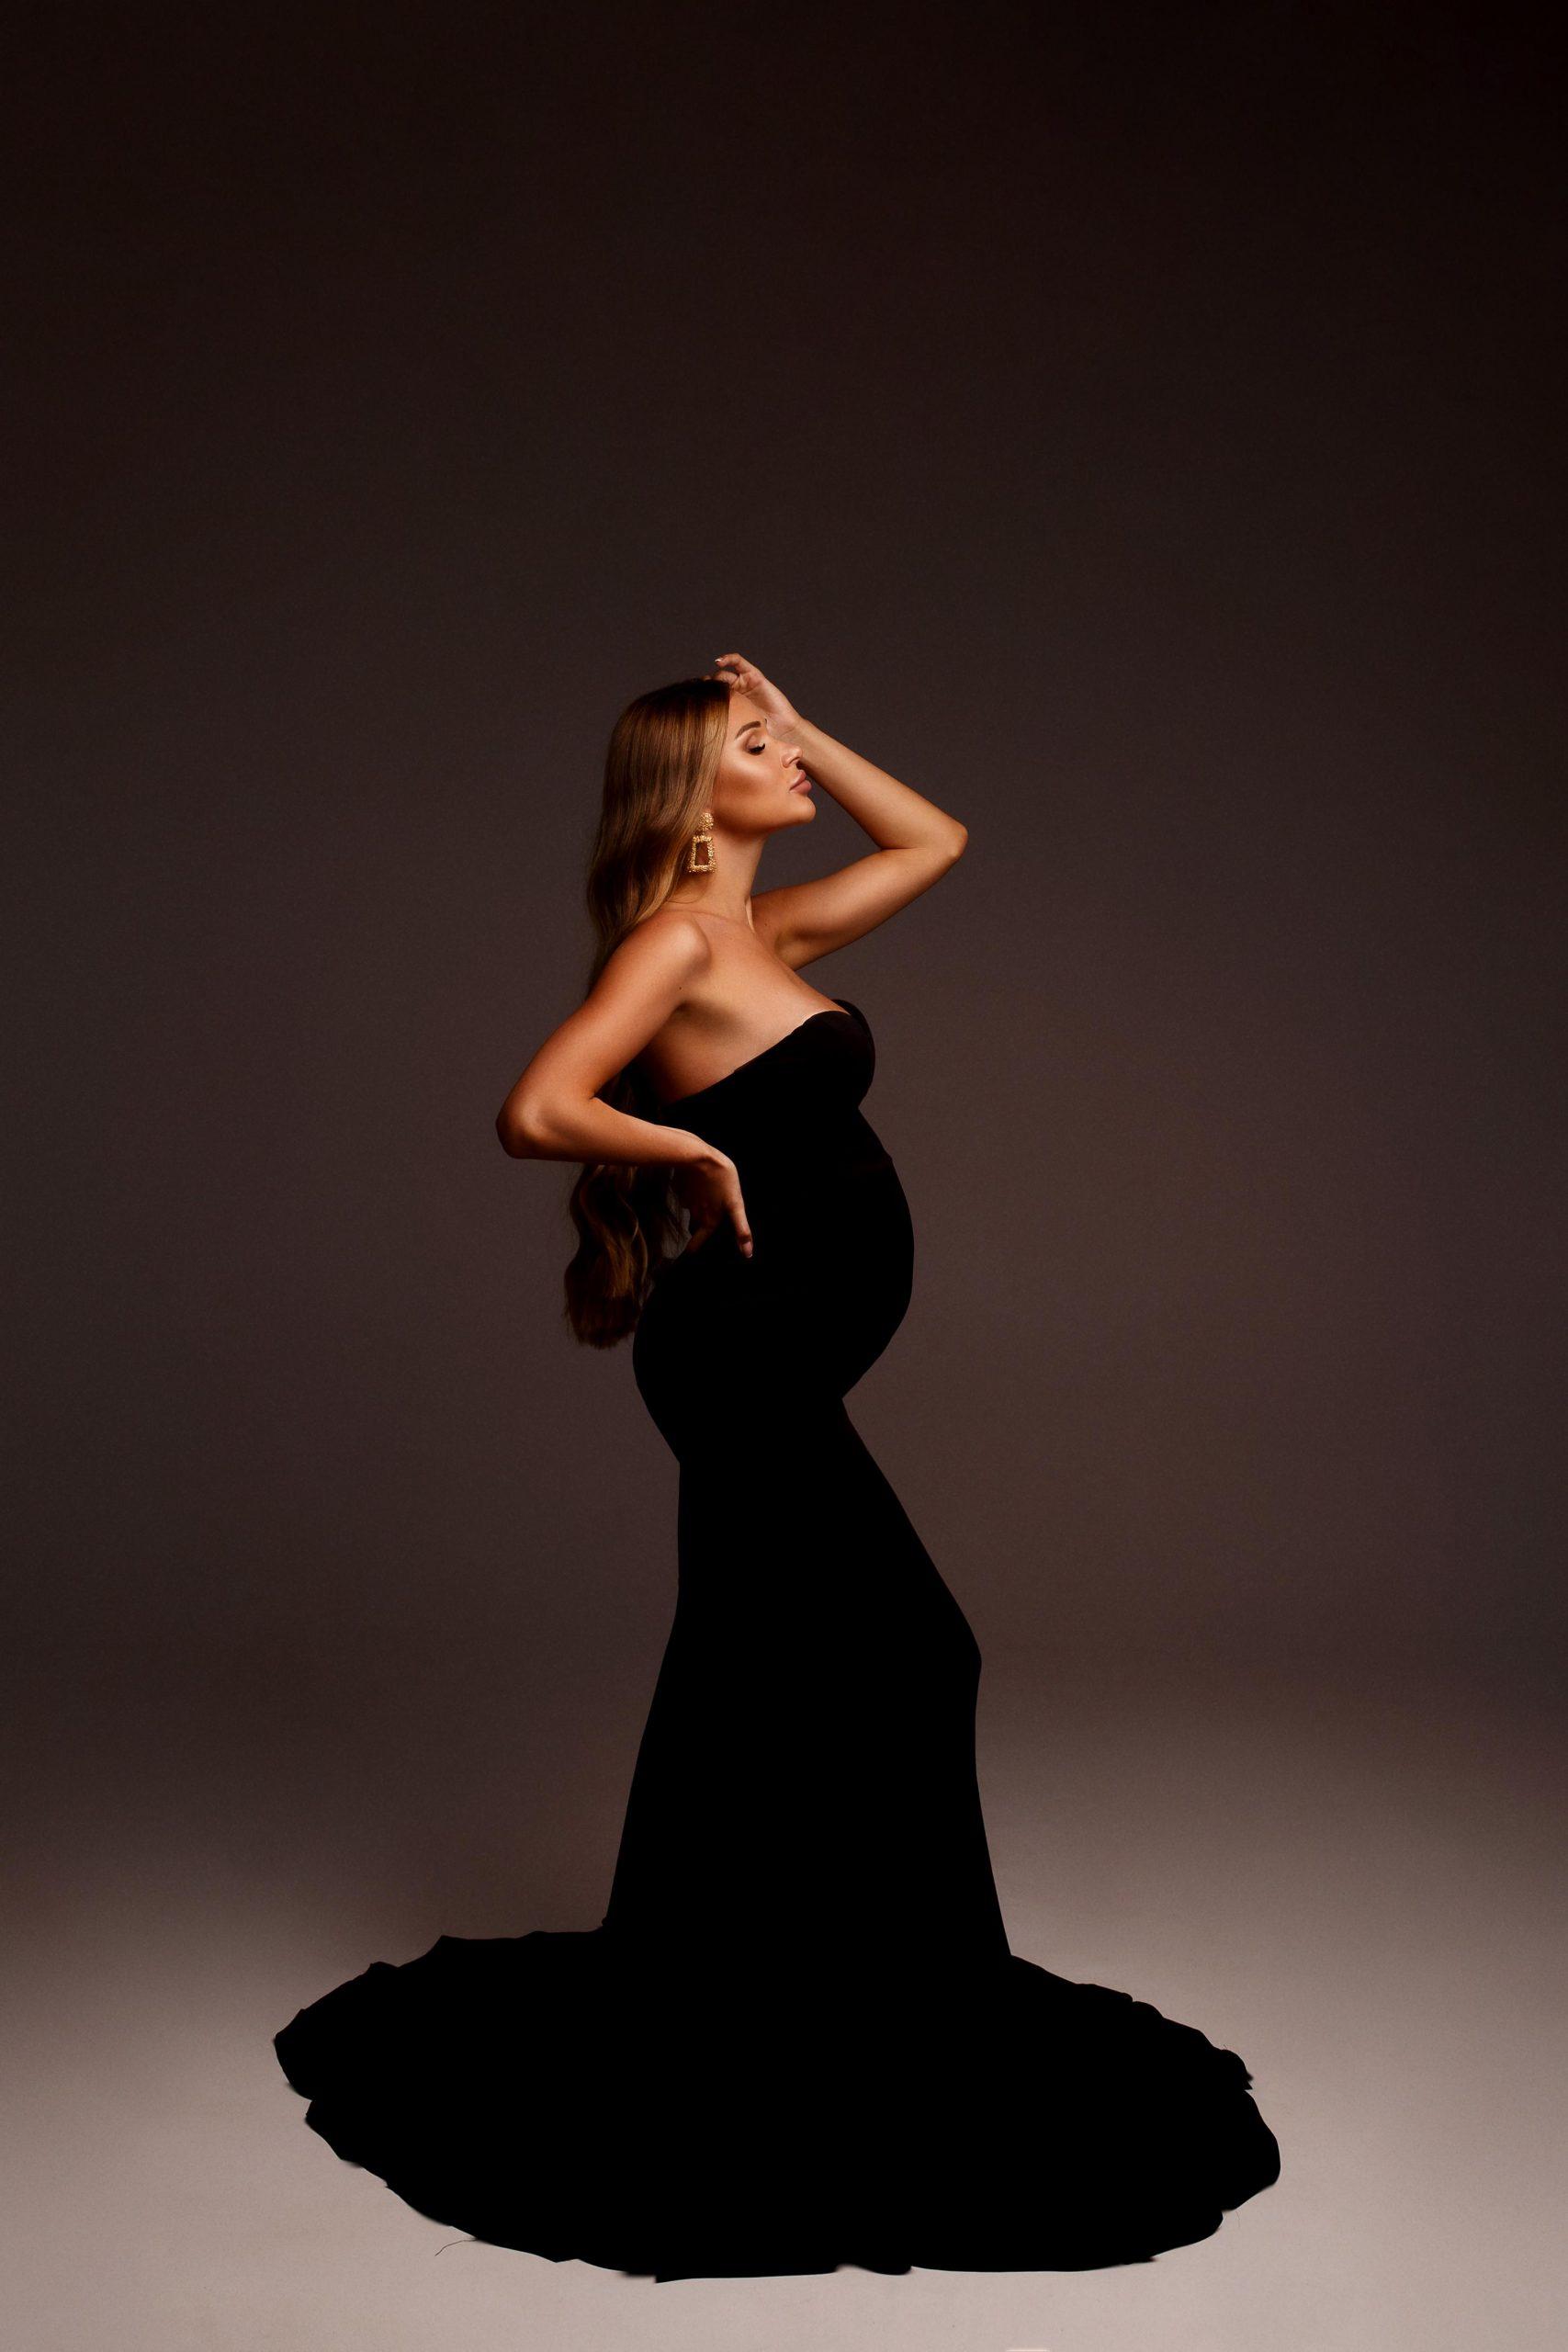 платье для беременных на фотосессию киев